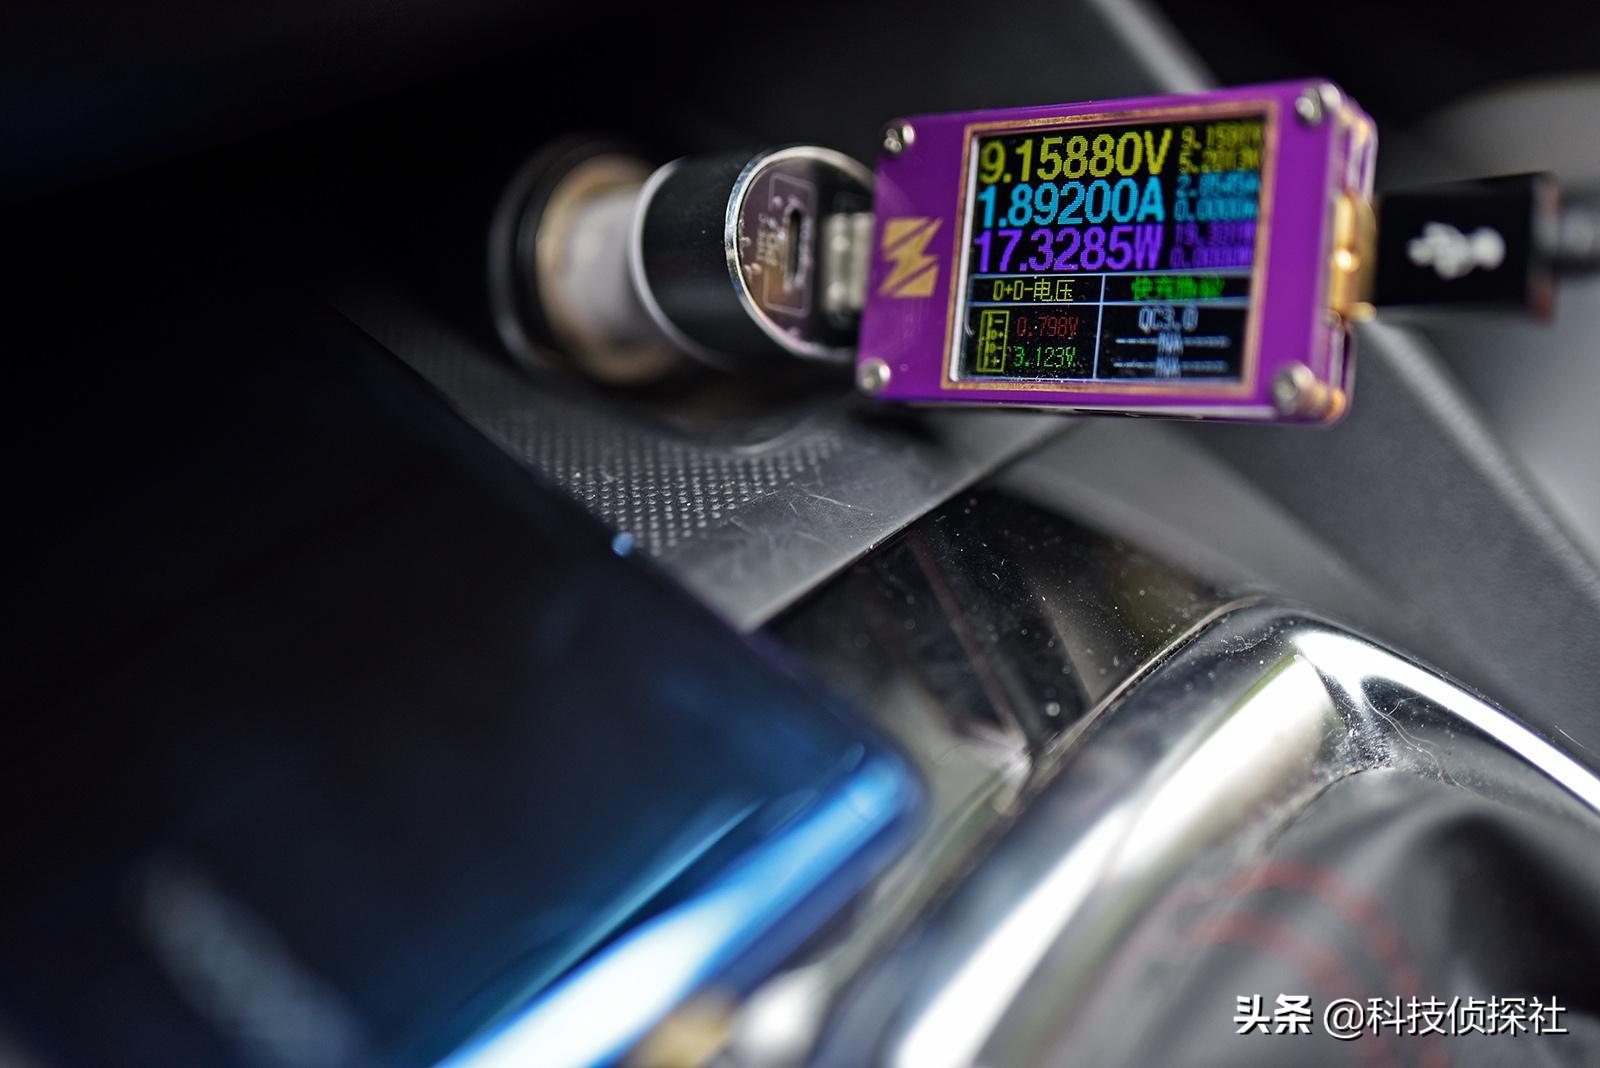 三摄加持,中兴天机Axon 10 Pro影像实力非常能打